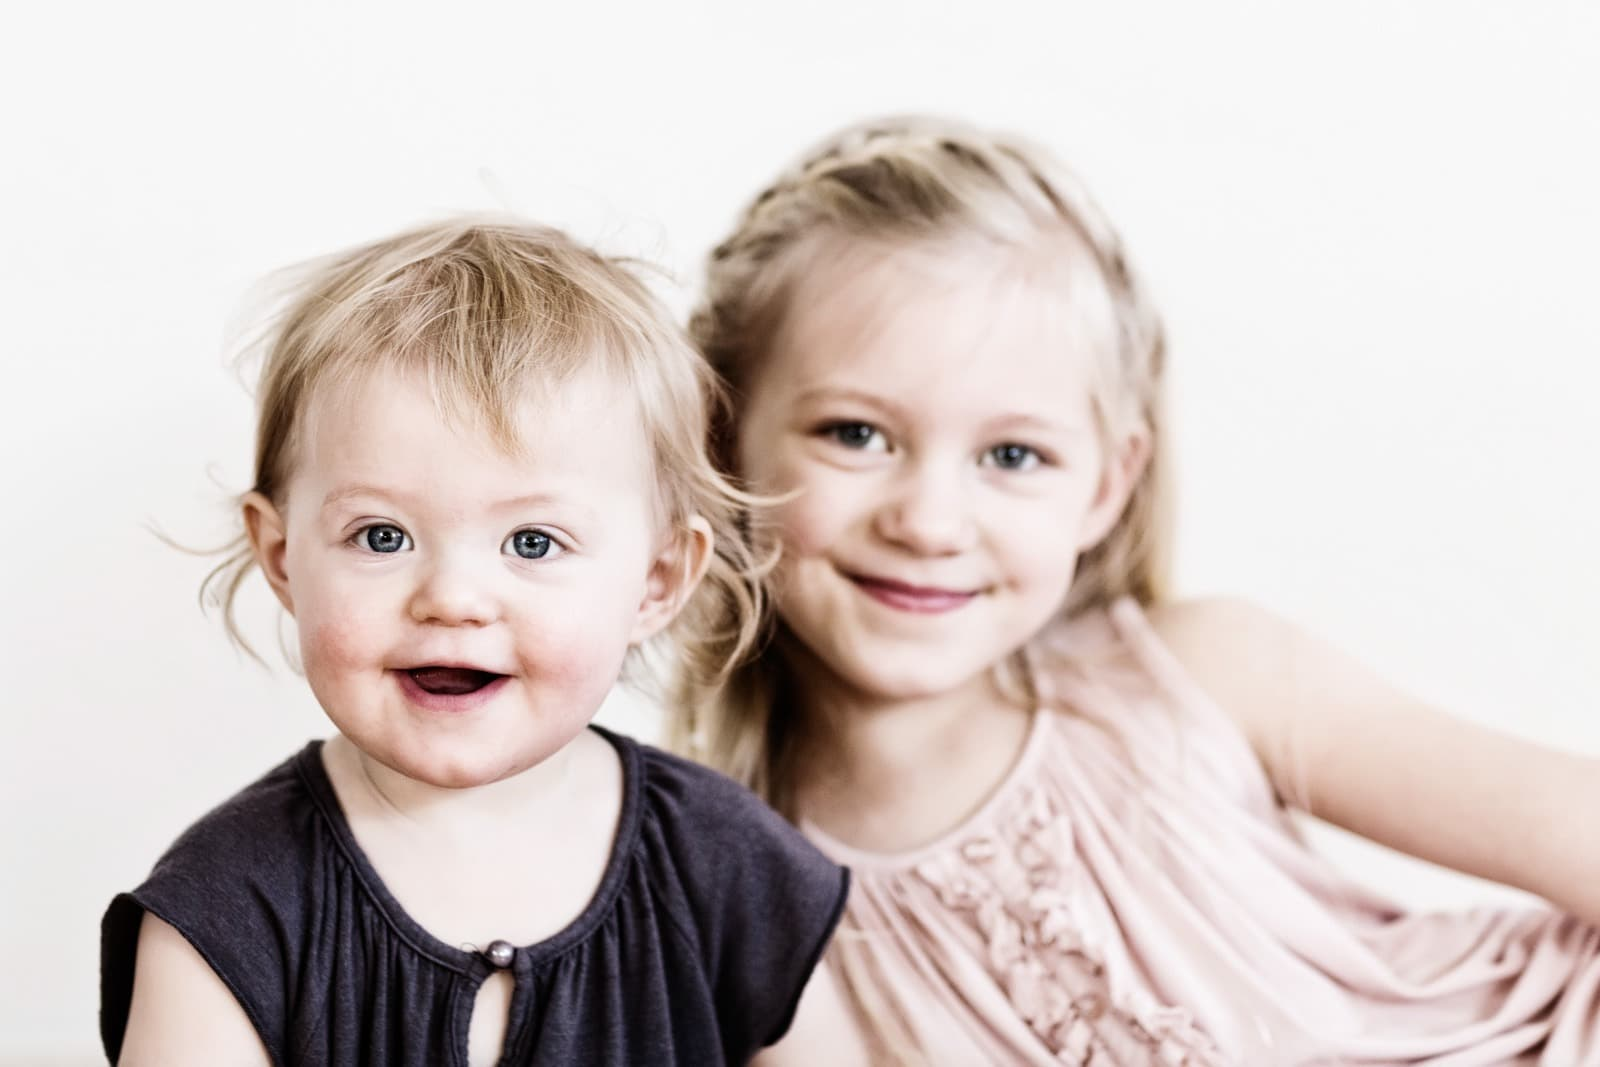 Søskendeportræt - 2 piger